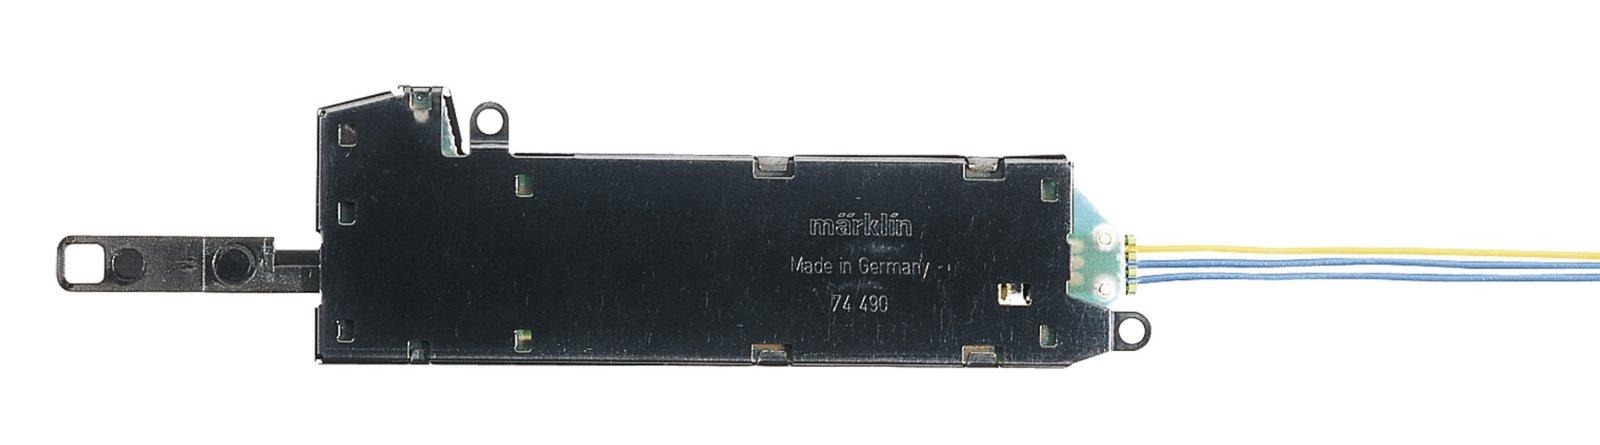 (Neu) Märklin 74491 C-Gleis Weichenantrieb,